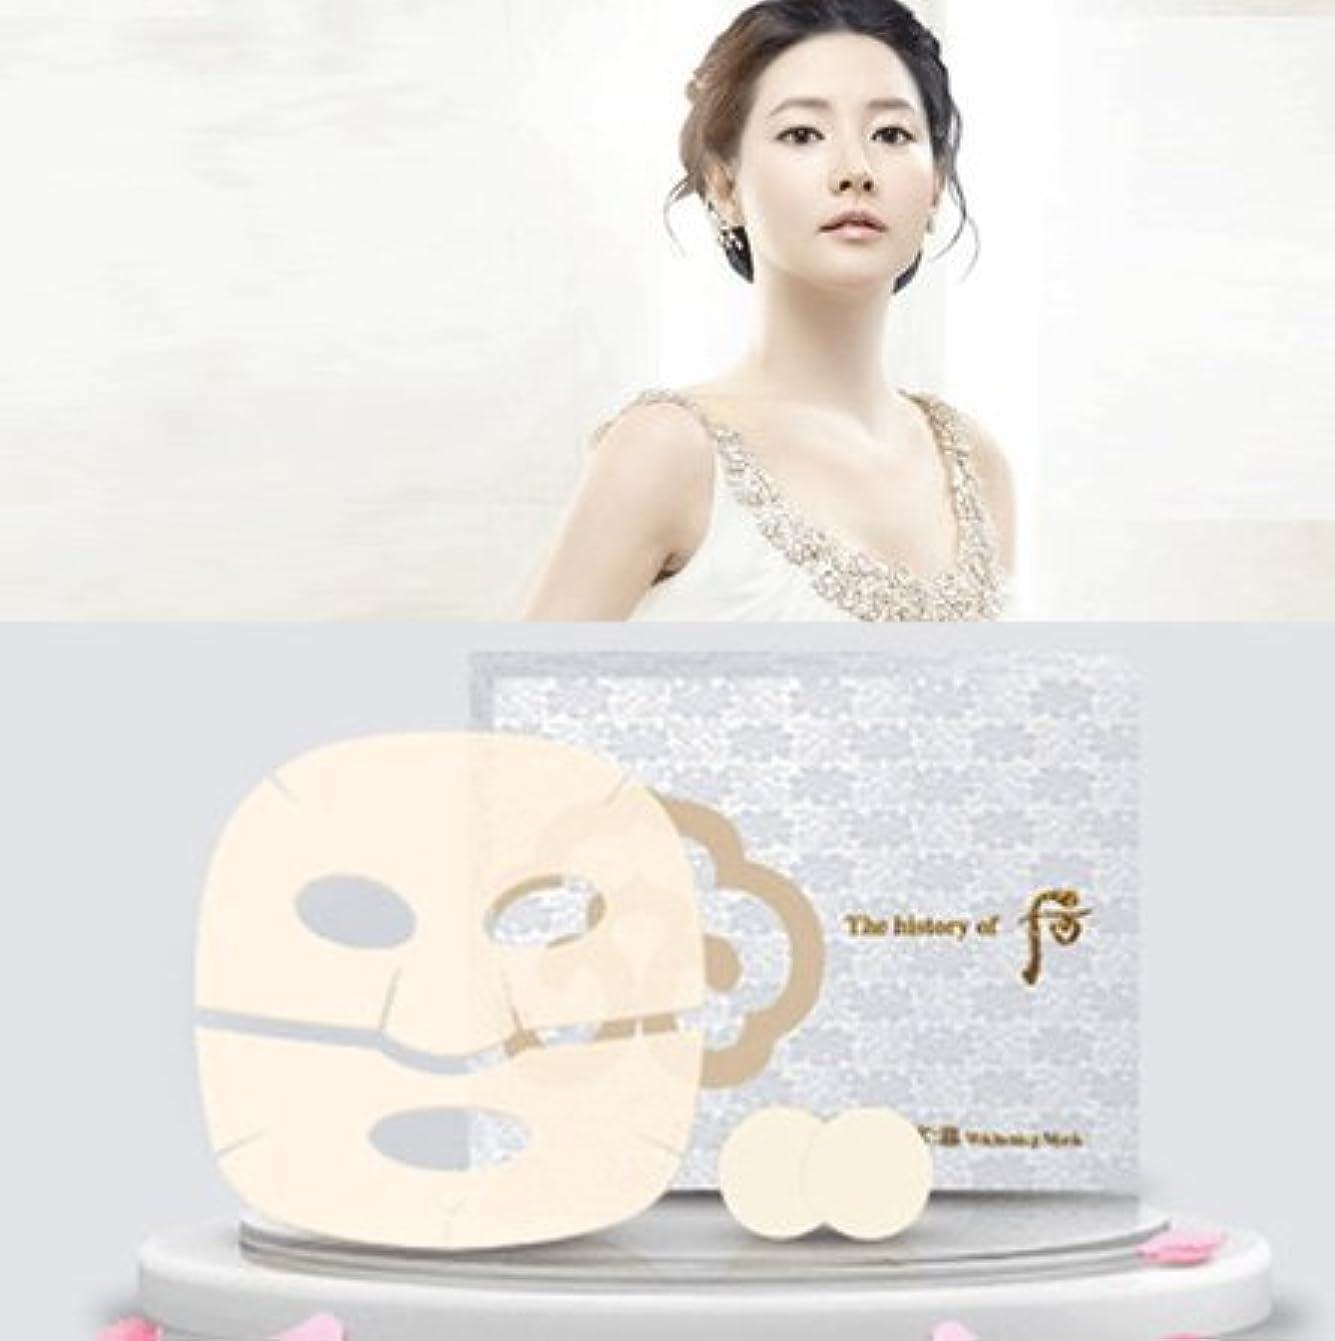 コミュニティ汚れたパターン【フー/The history of whoo] Whoo后 ゴンジンヒャン 美白 光 マスク8枚入/ Gongjinhyang Mask Sheet 8ea+ Sample Gift(海外直送品)